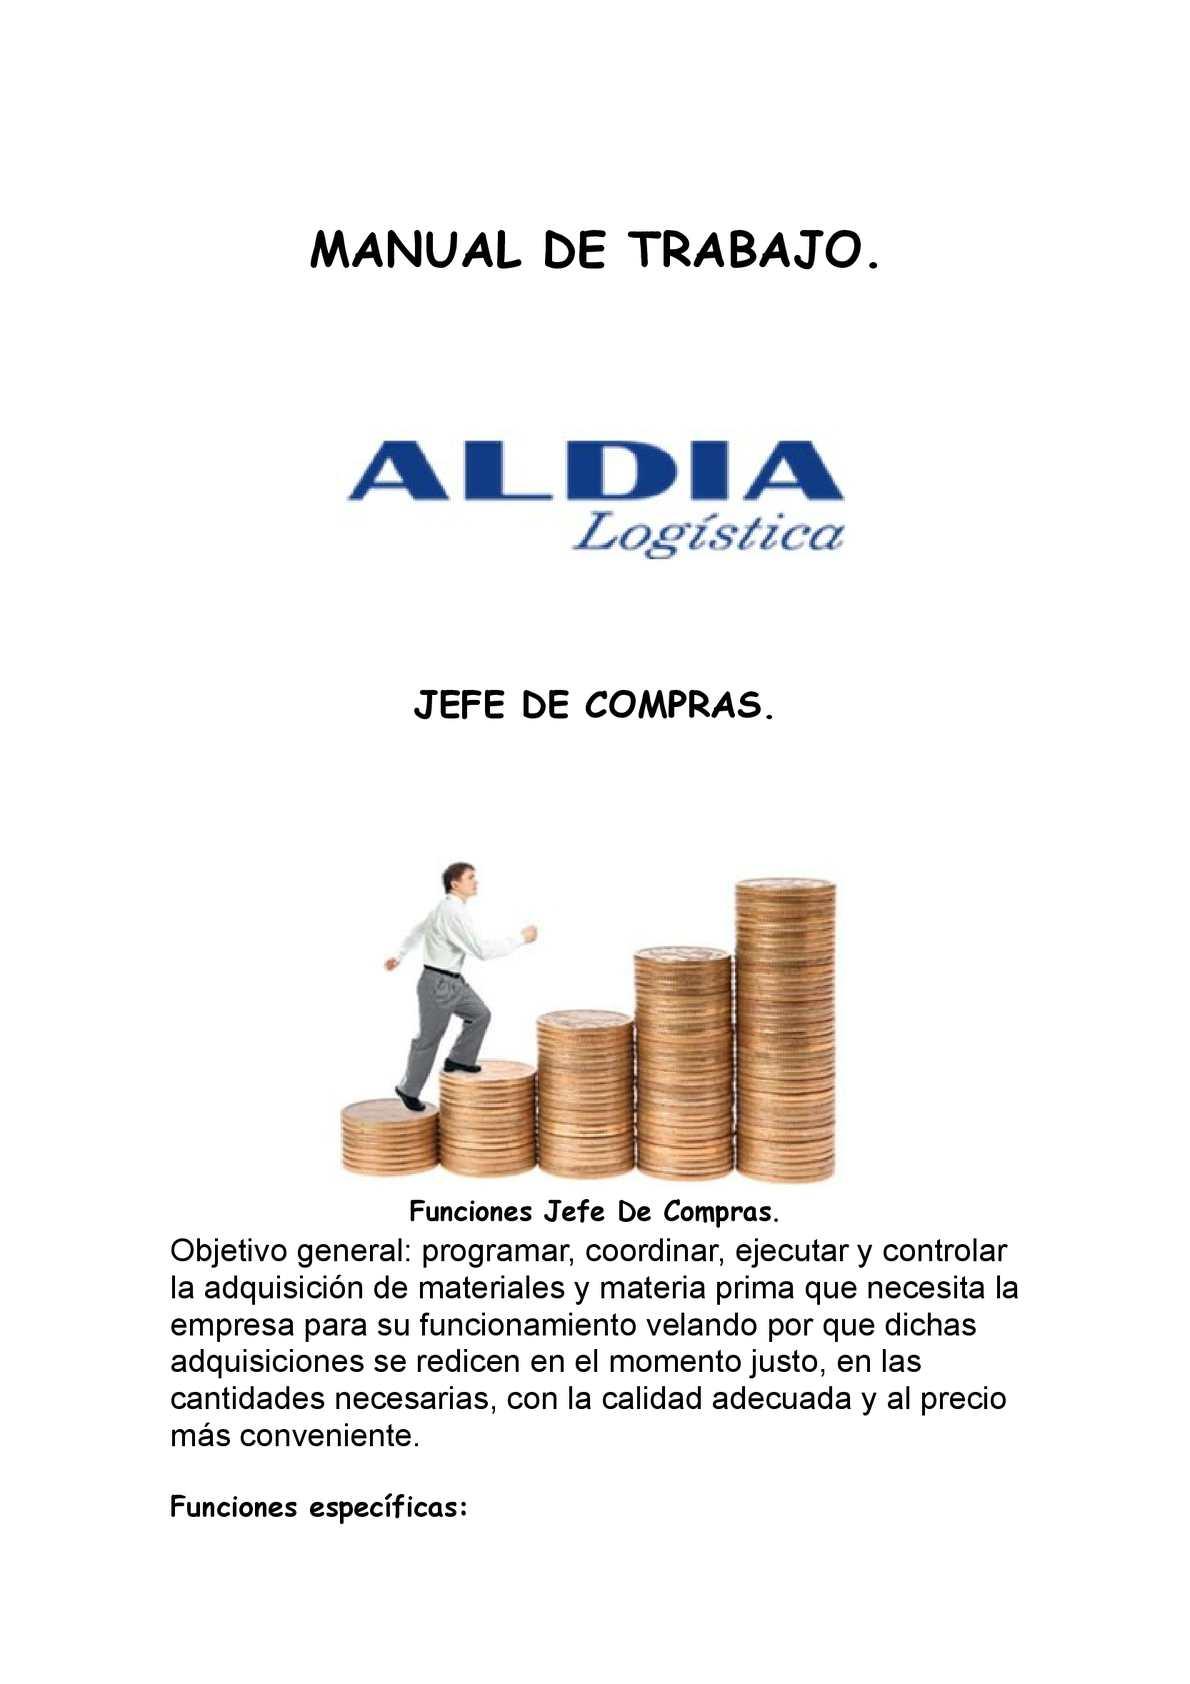 Manual de Funciones Jefe de Compras